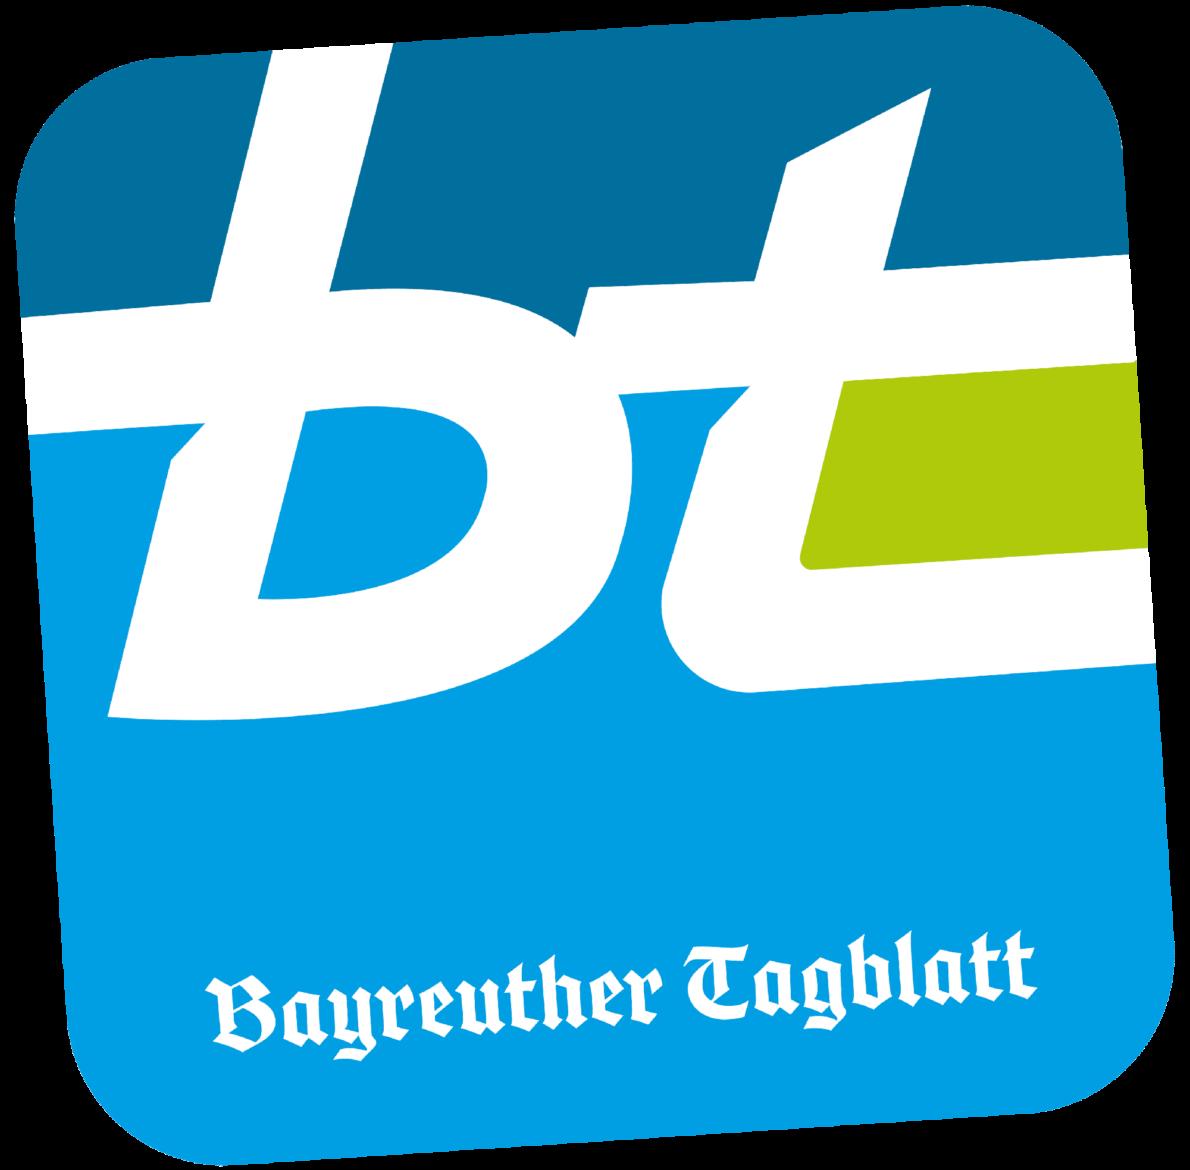 logo-bt-tagblatt